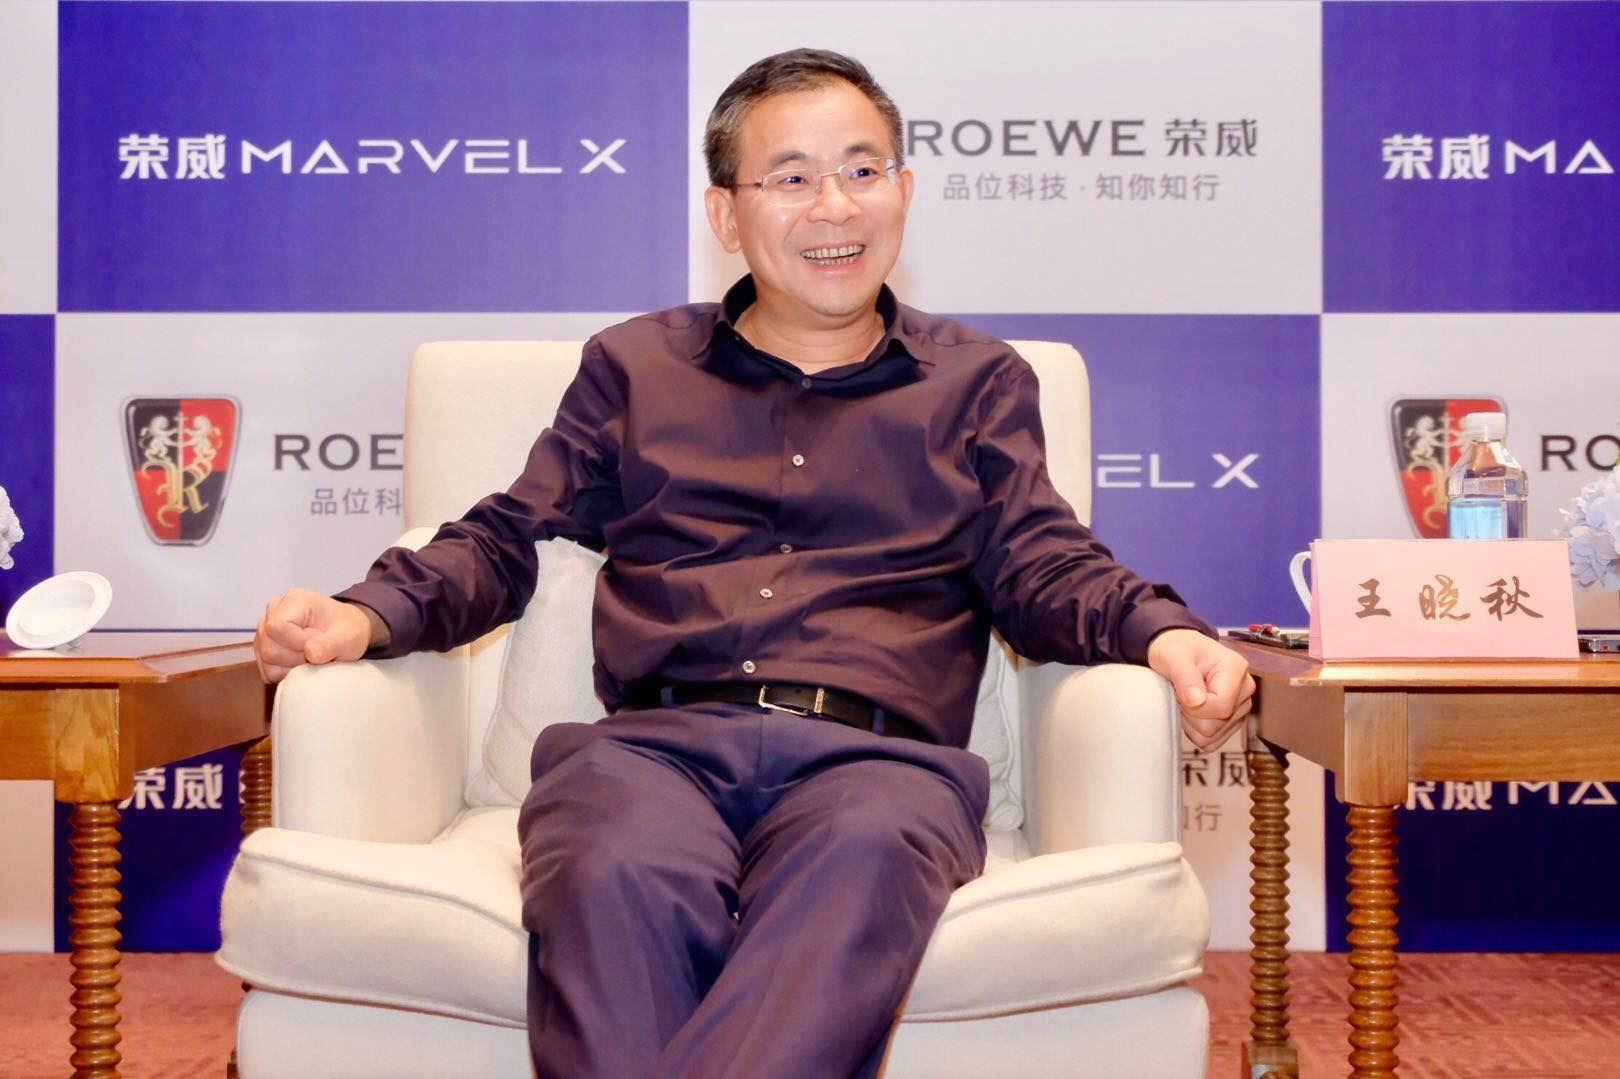 荣威MARVEL X上市 打造成本低、品质高的新能源车|汽车产经